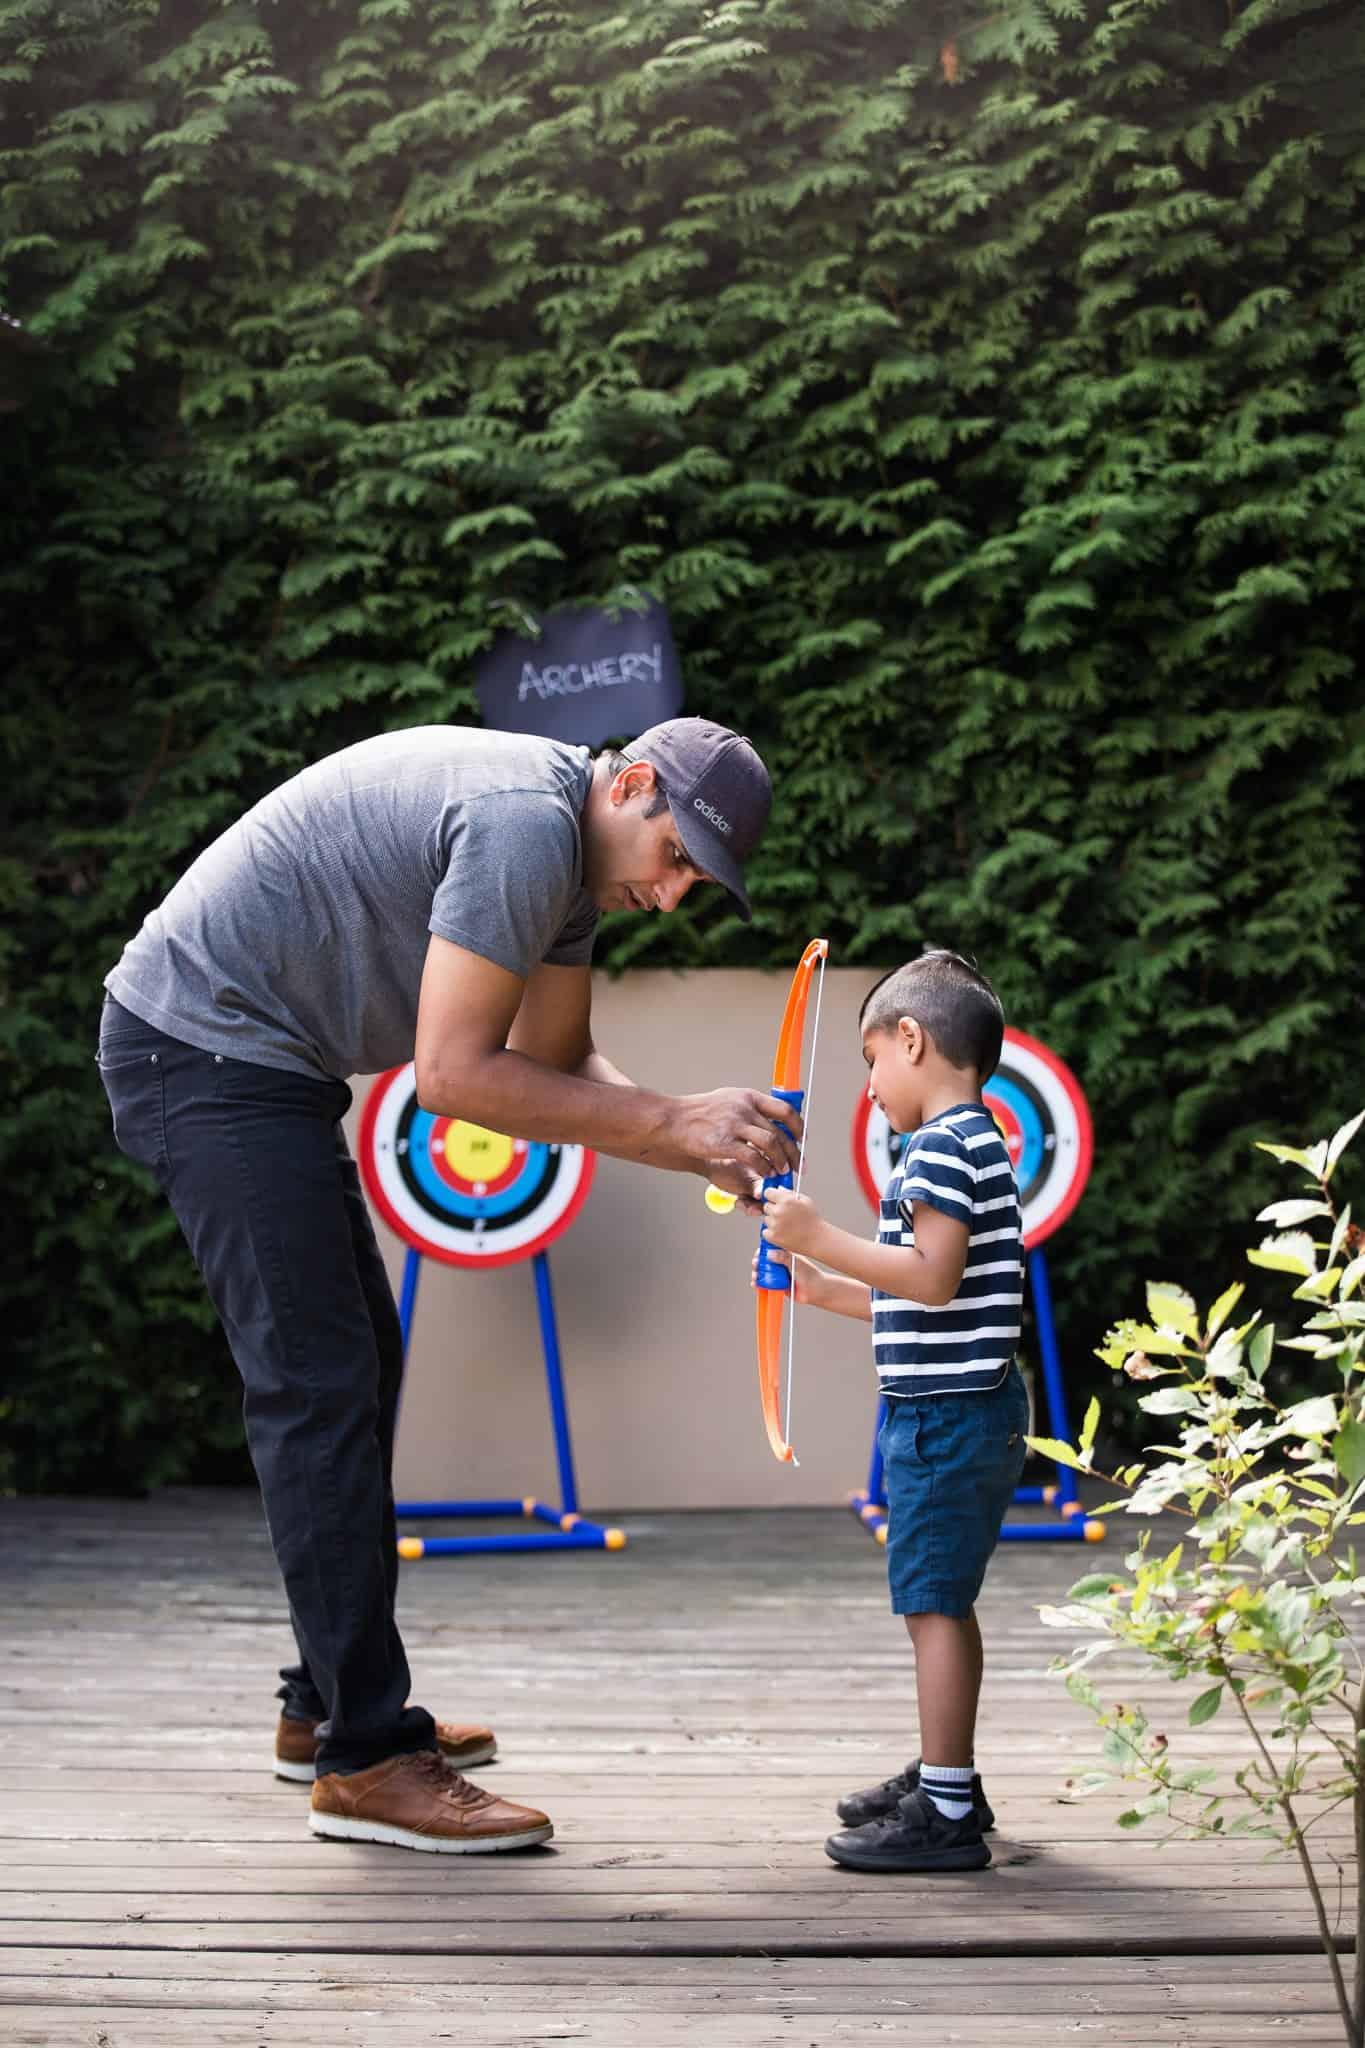 dad teaching son archery